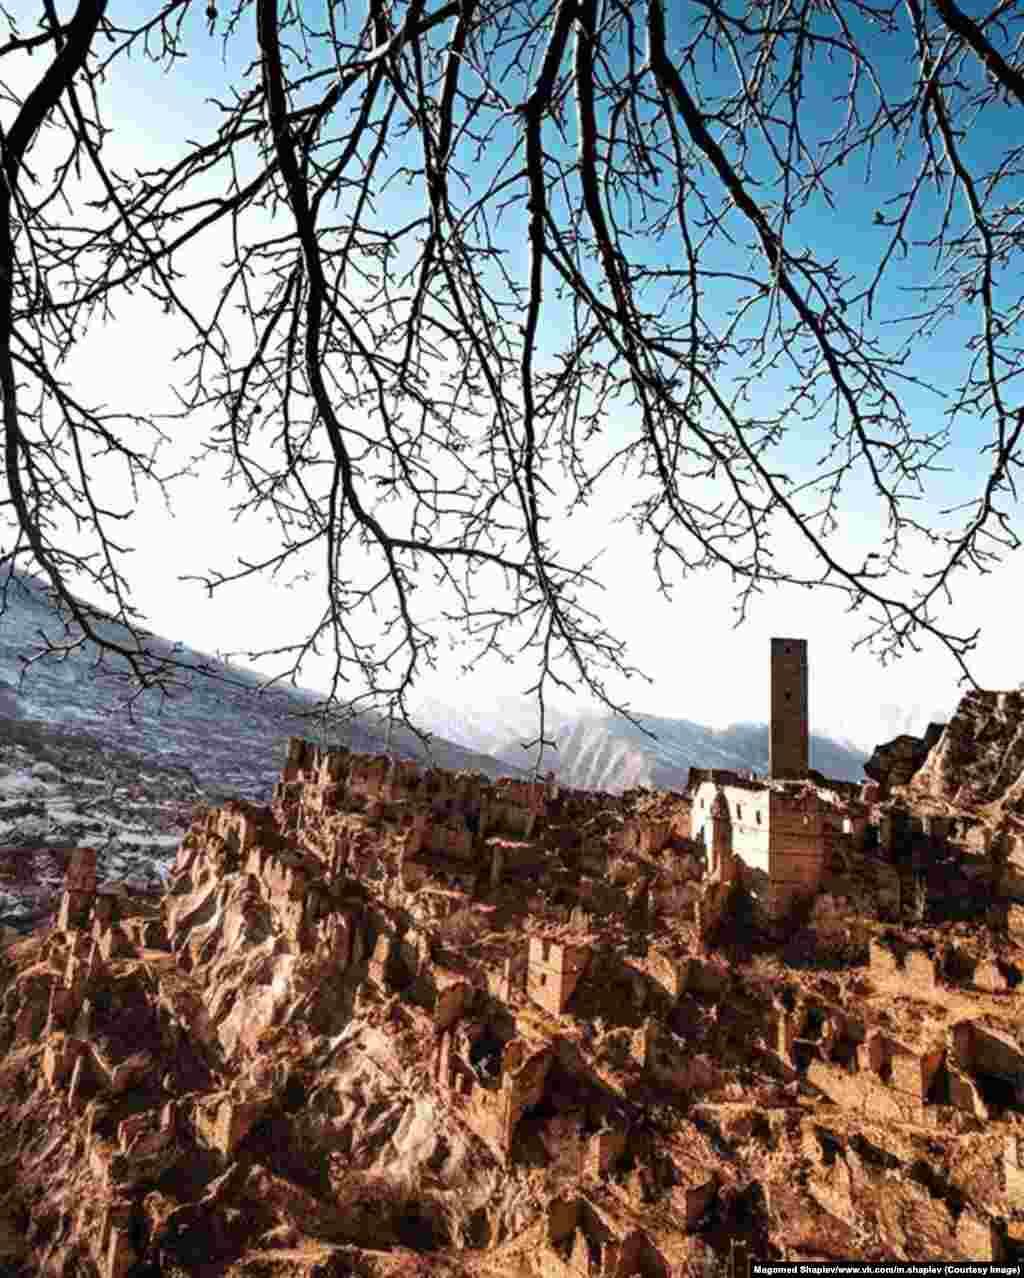 Башня в старинном селе Кахиб Шамильского района. Поселок был основан приблизительно 1000 лет назад, что делает его одним из самых старых в Дагестане